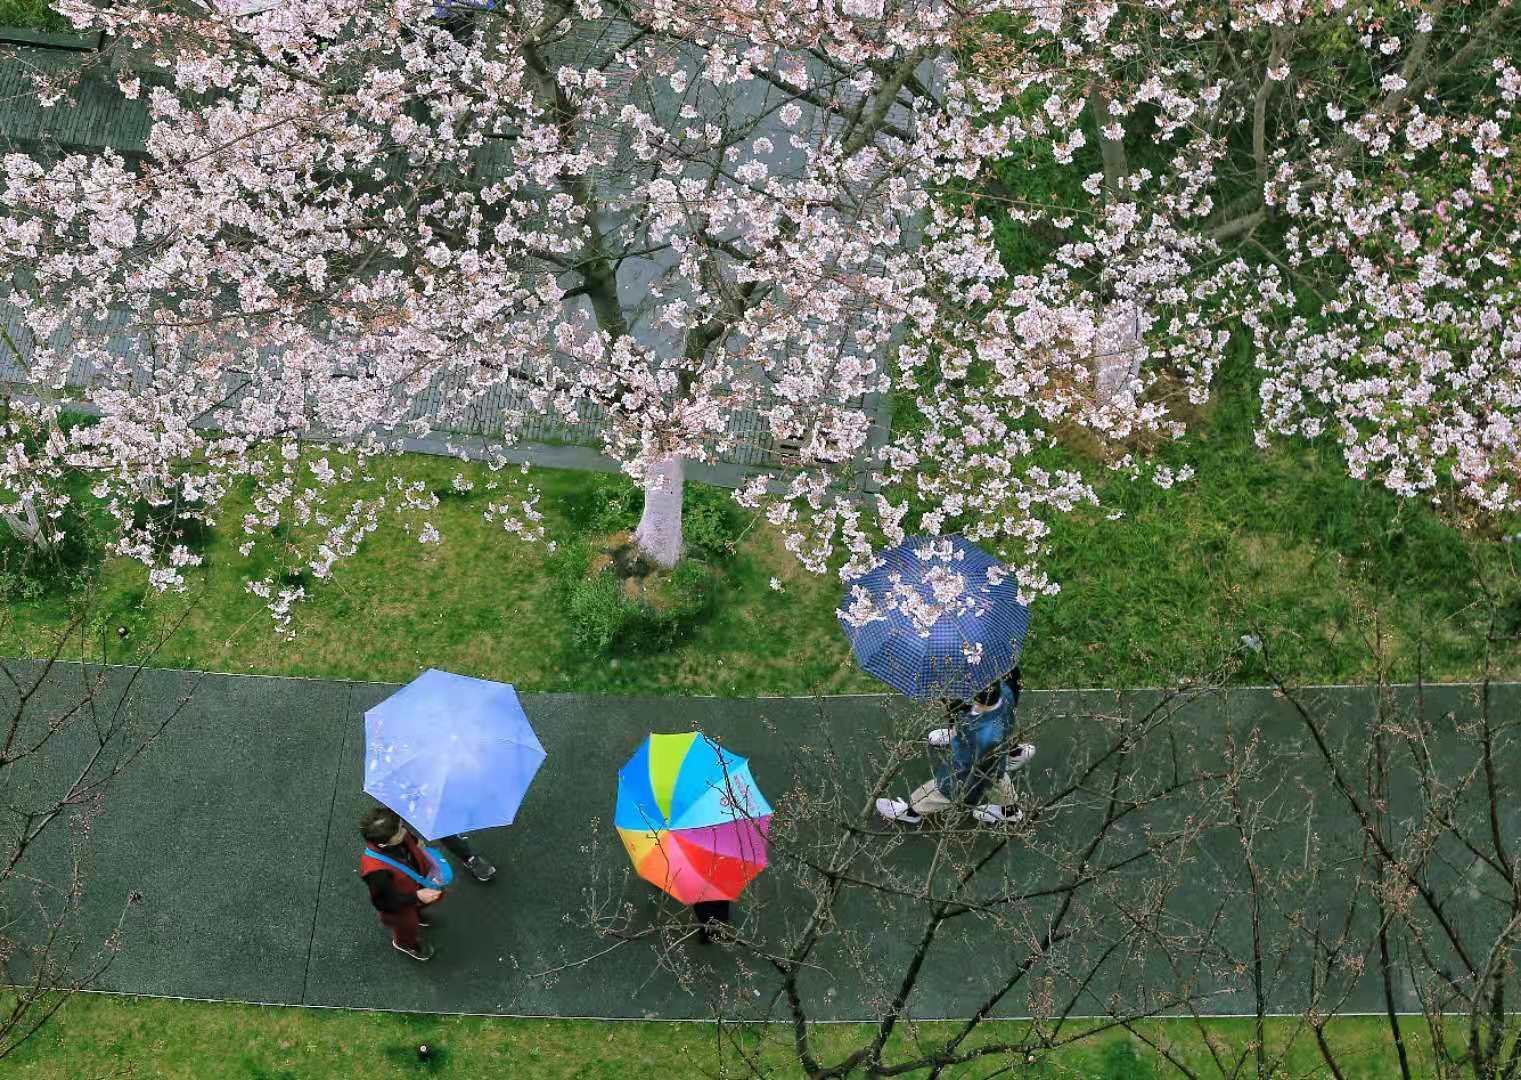 黑猫 《樱花纷纷伴春雨》 Canon.jpg